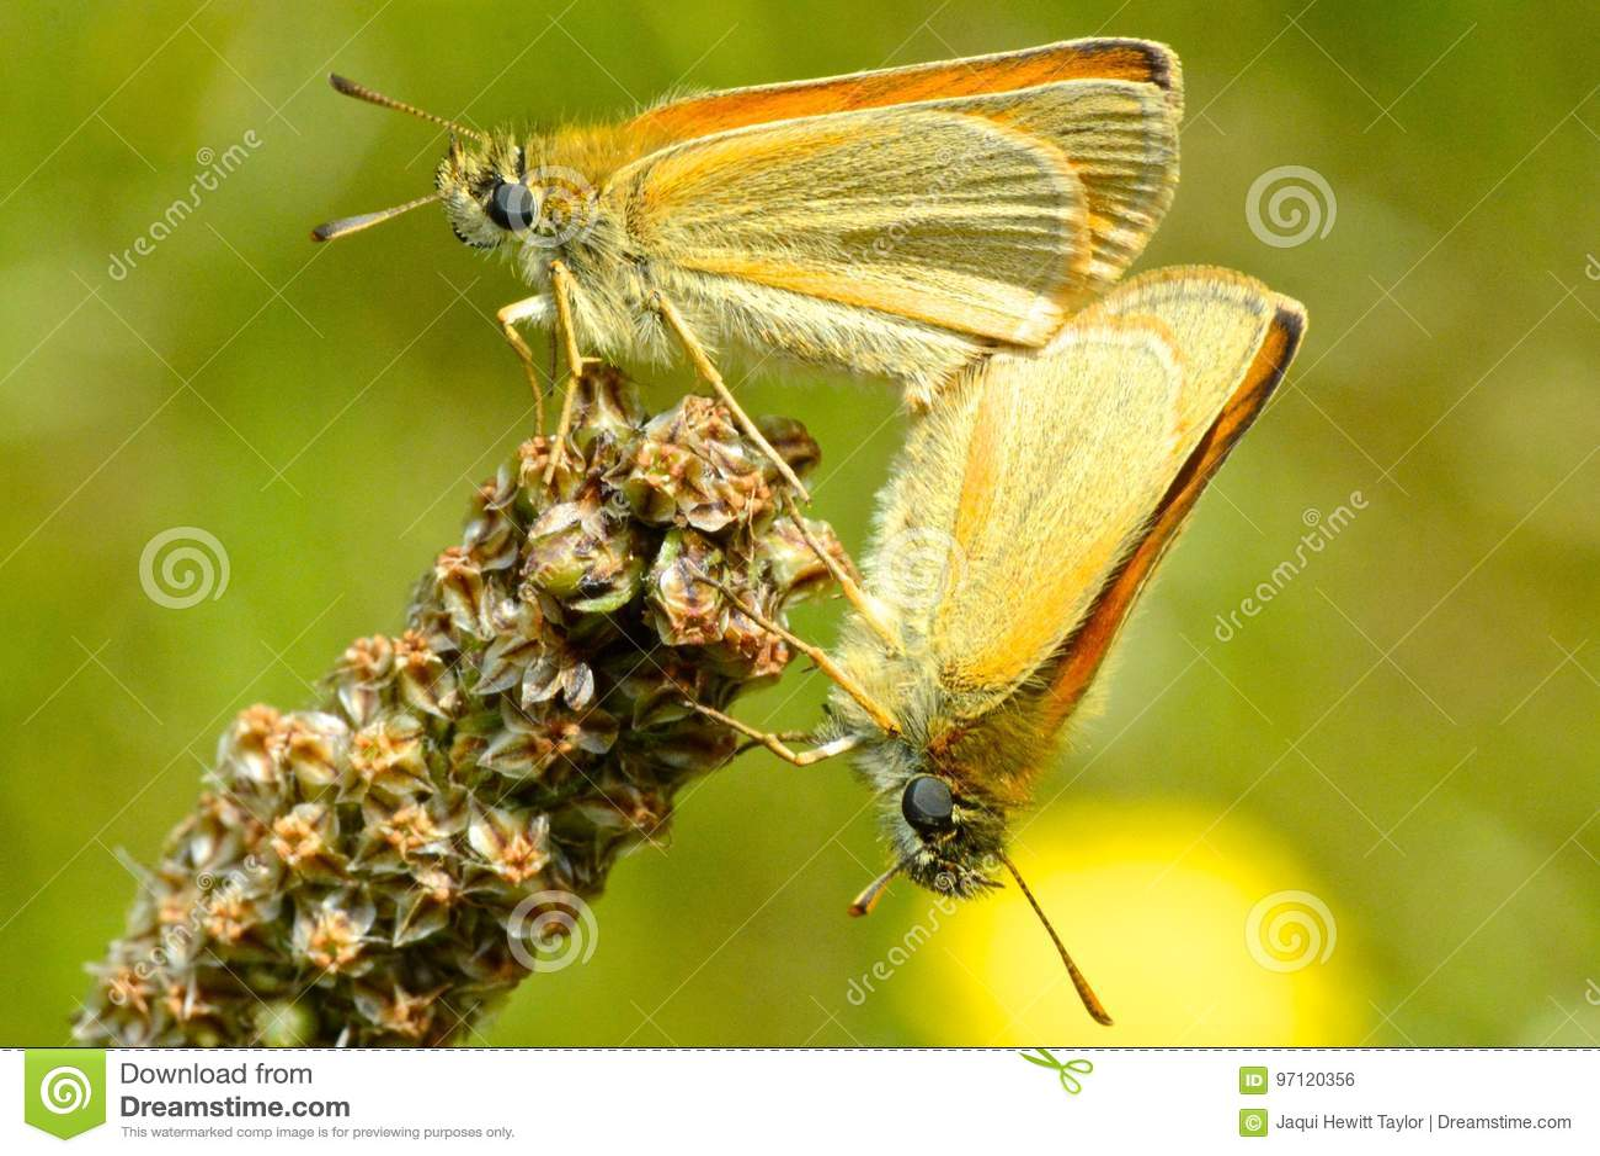 Gatekeeper butterflies mating